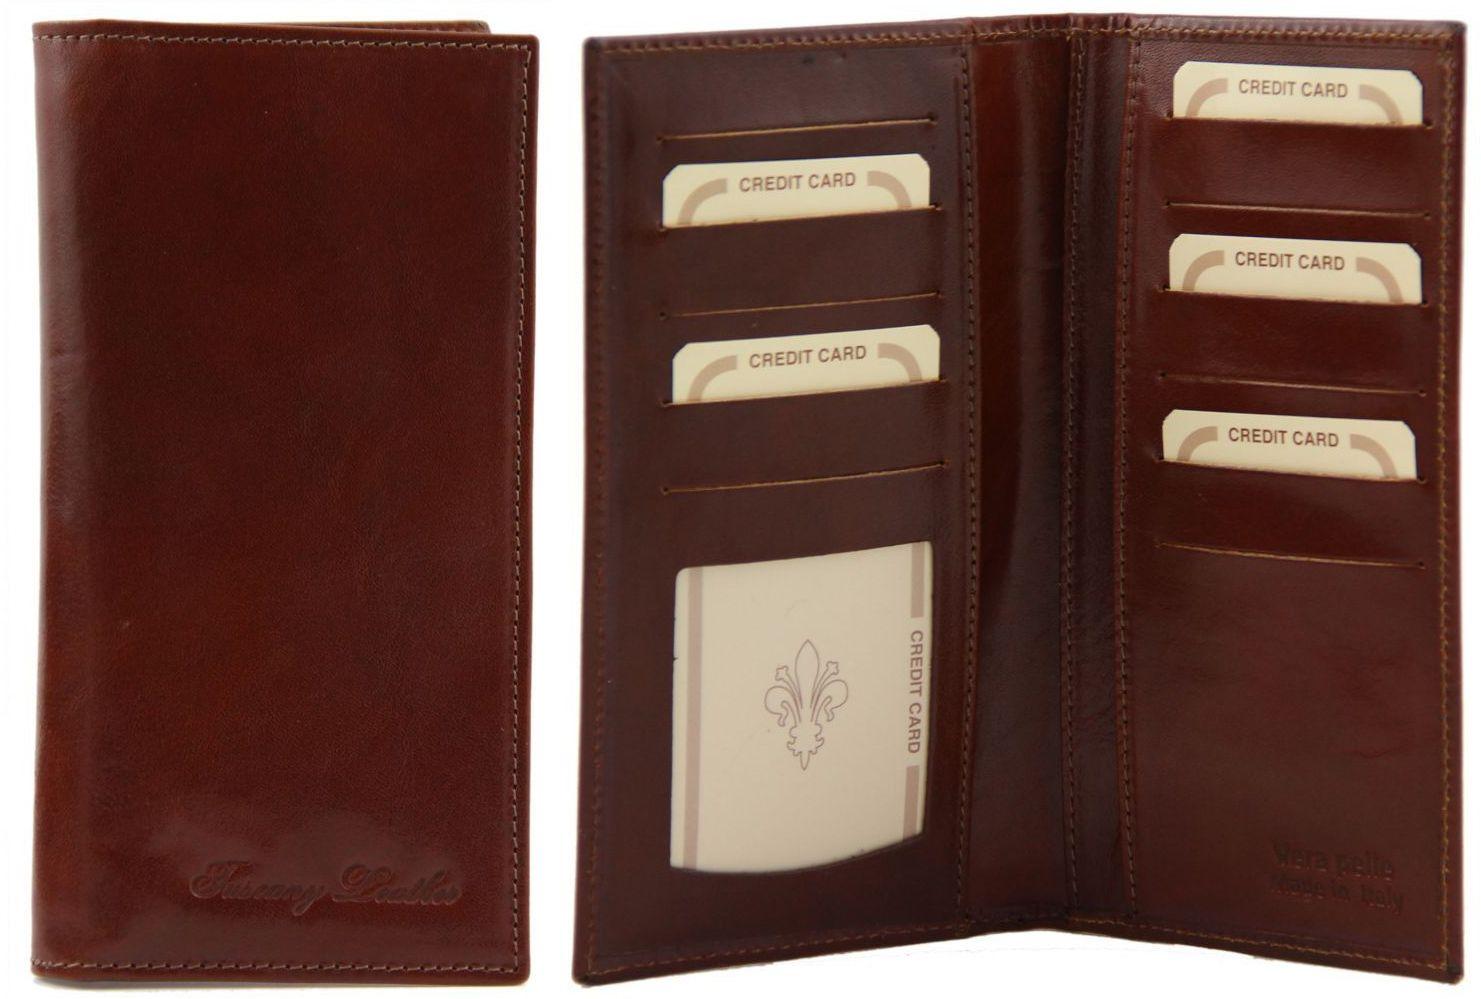 aee0cc2a4d Δερμάτινο Πορτοφόλι   Θήκη TL140784 Καφέ Tuscany Leather